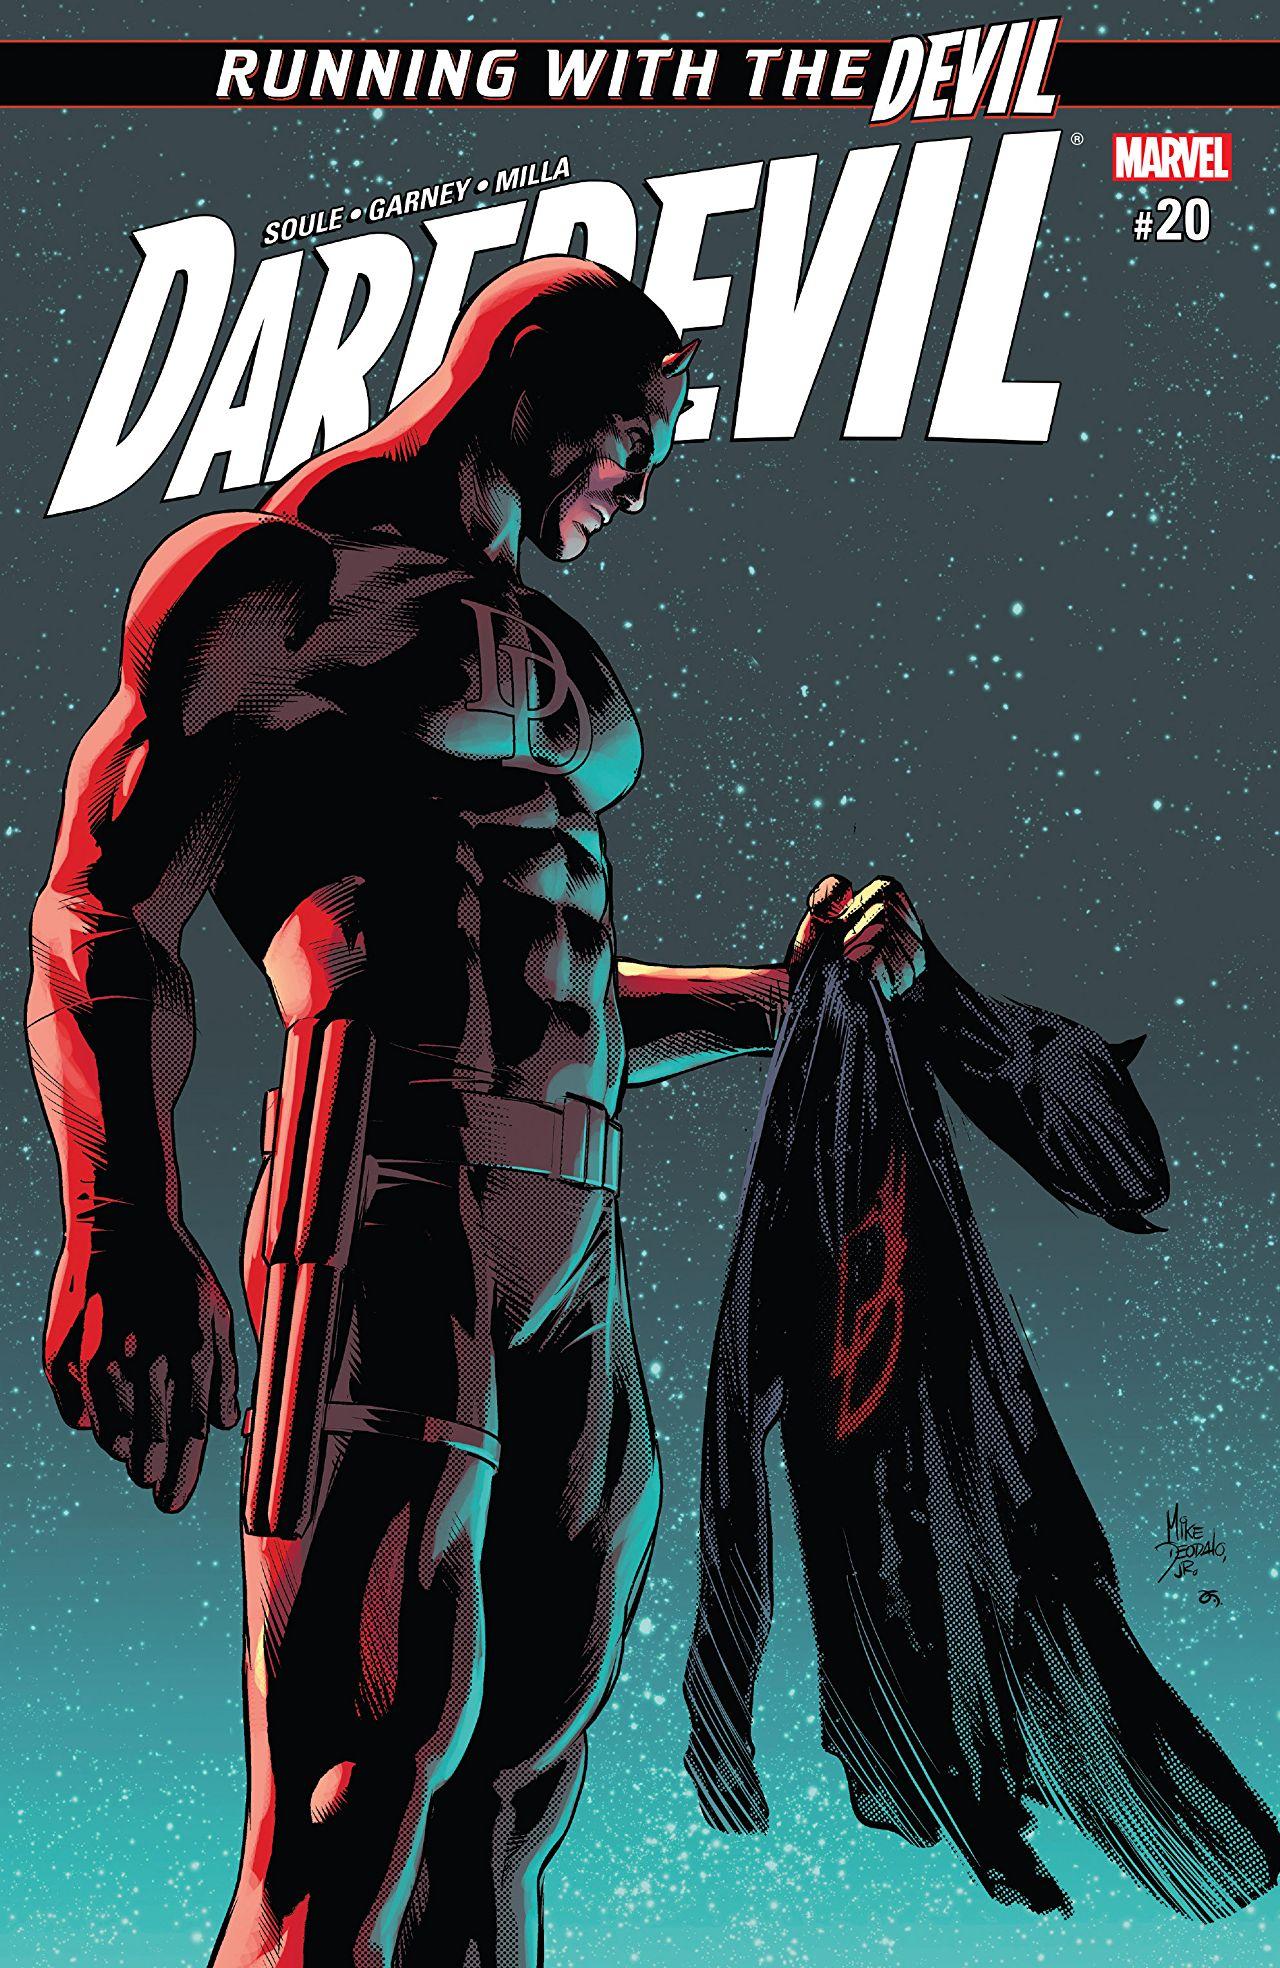 Daredevil (2015) #1 Cover